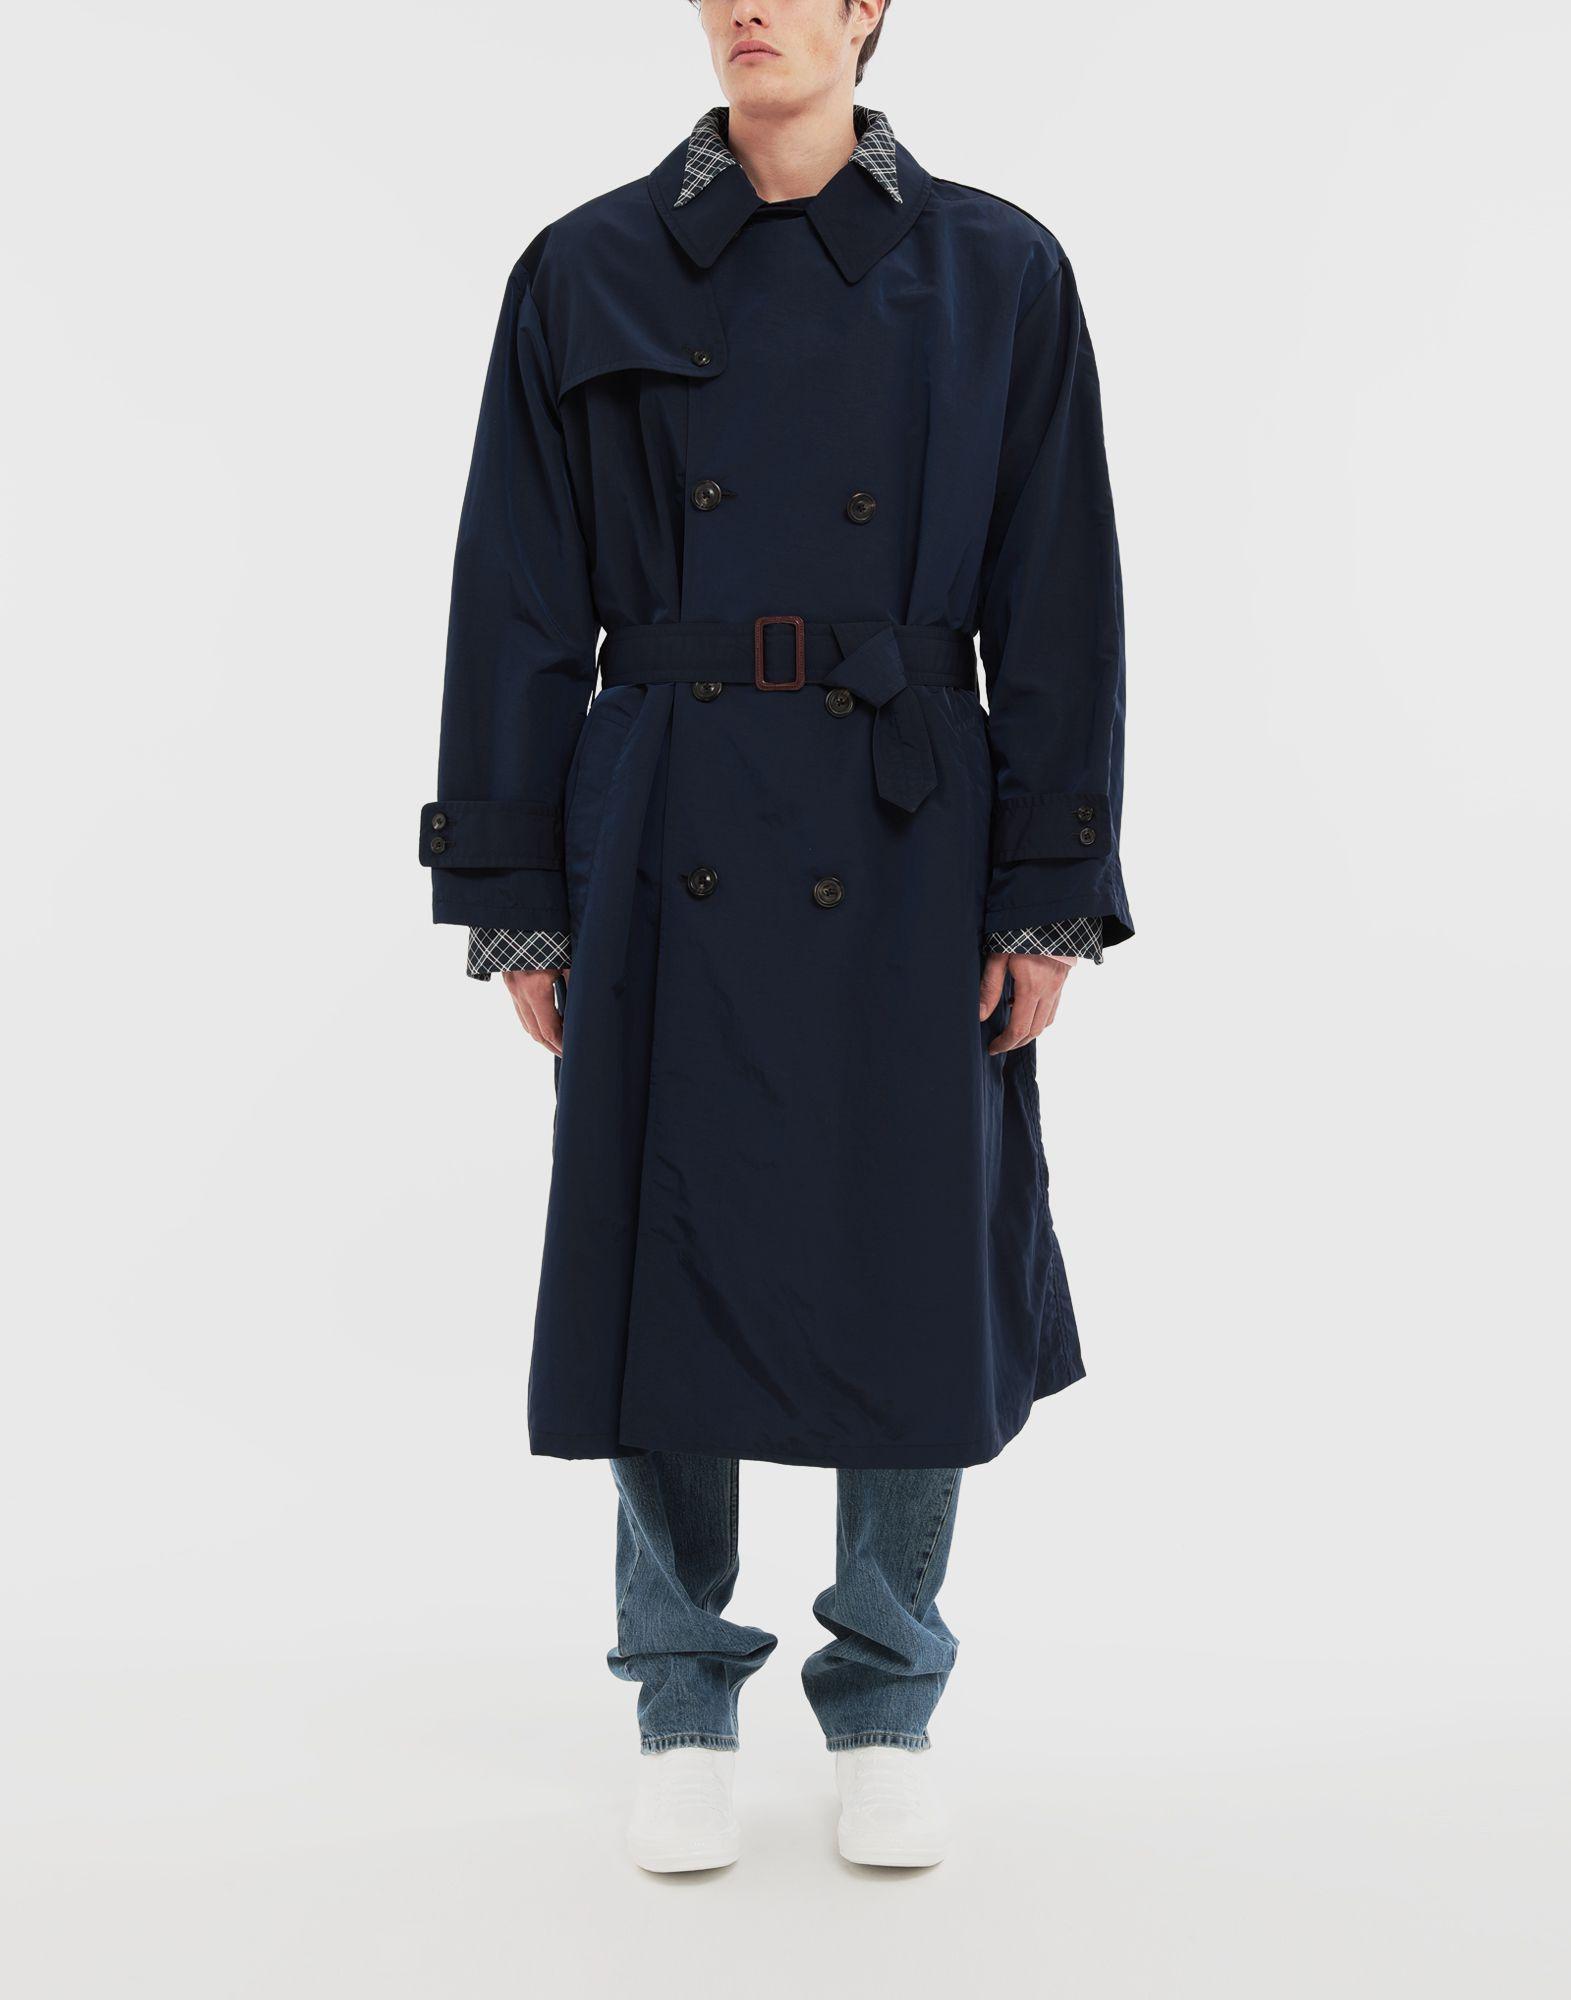 MAISON MARGIELA Manteau à chemise intégrée en nylon tonique Pardessus Homme r